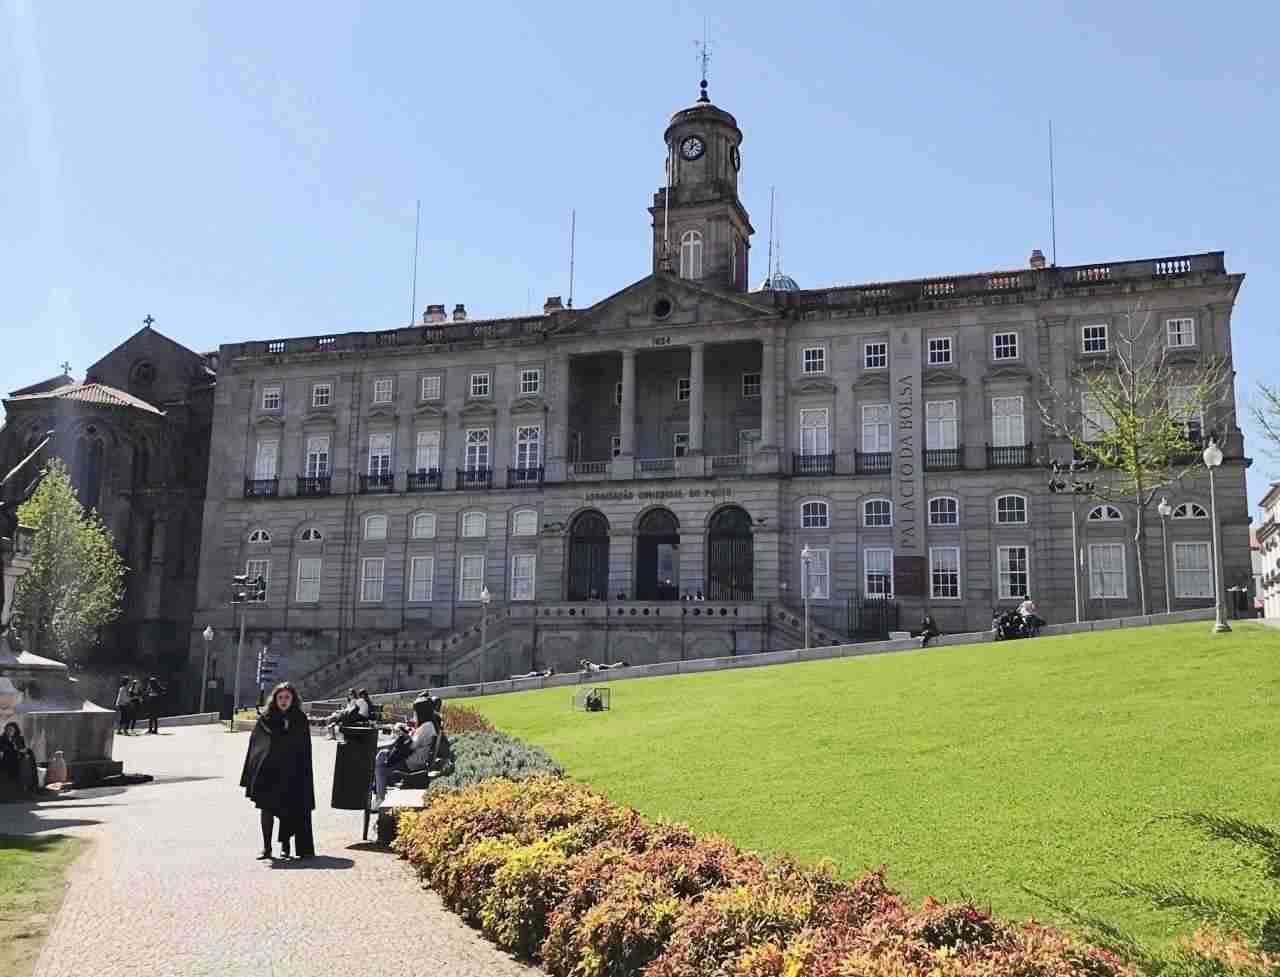 Palácio da BolsaCatedral Sé do Porto - O que fazer em Porto Portugal